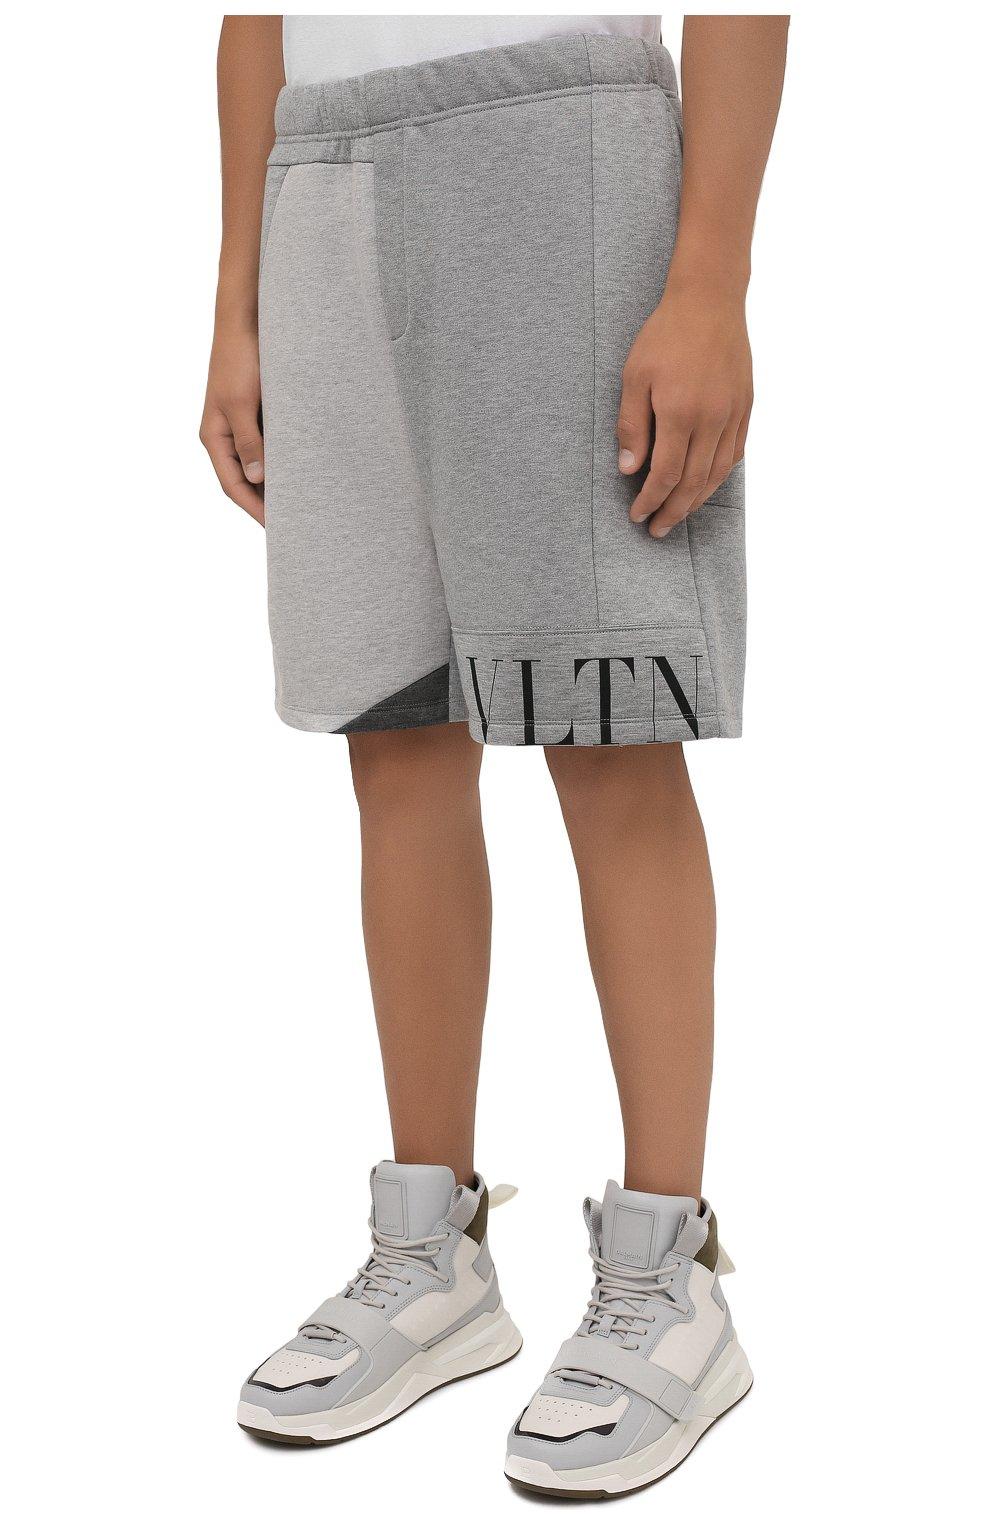 Мужские шорты VALENTINO светло-серого цвета, арт. WV3MD02Y7CV   Фото 3 (Длина Шорты М: До колена; Материал внешний: Синтетический материал; Принт: С принтом; Кросс-КТ: Трикотаж; Стили: Спорт-шик)